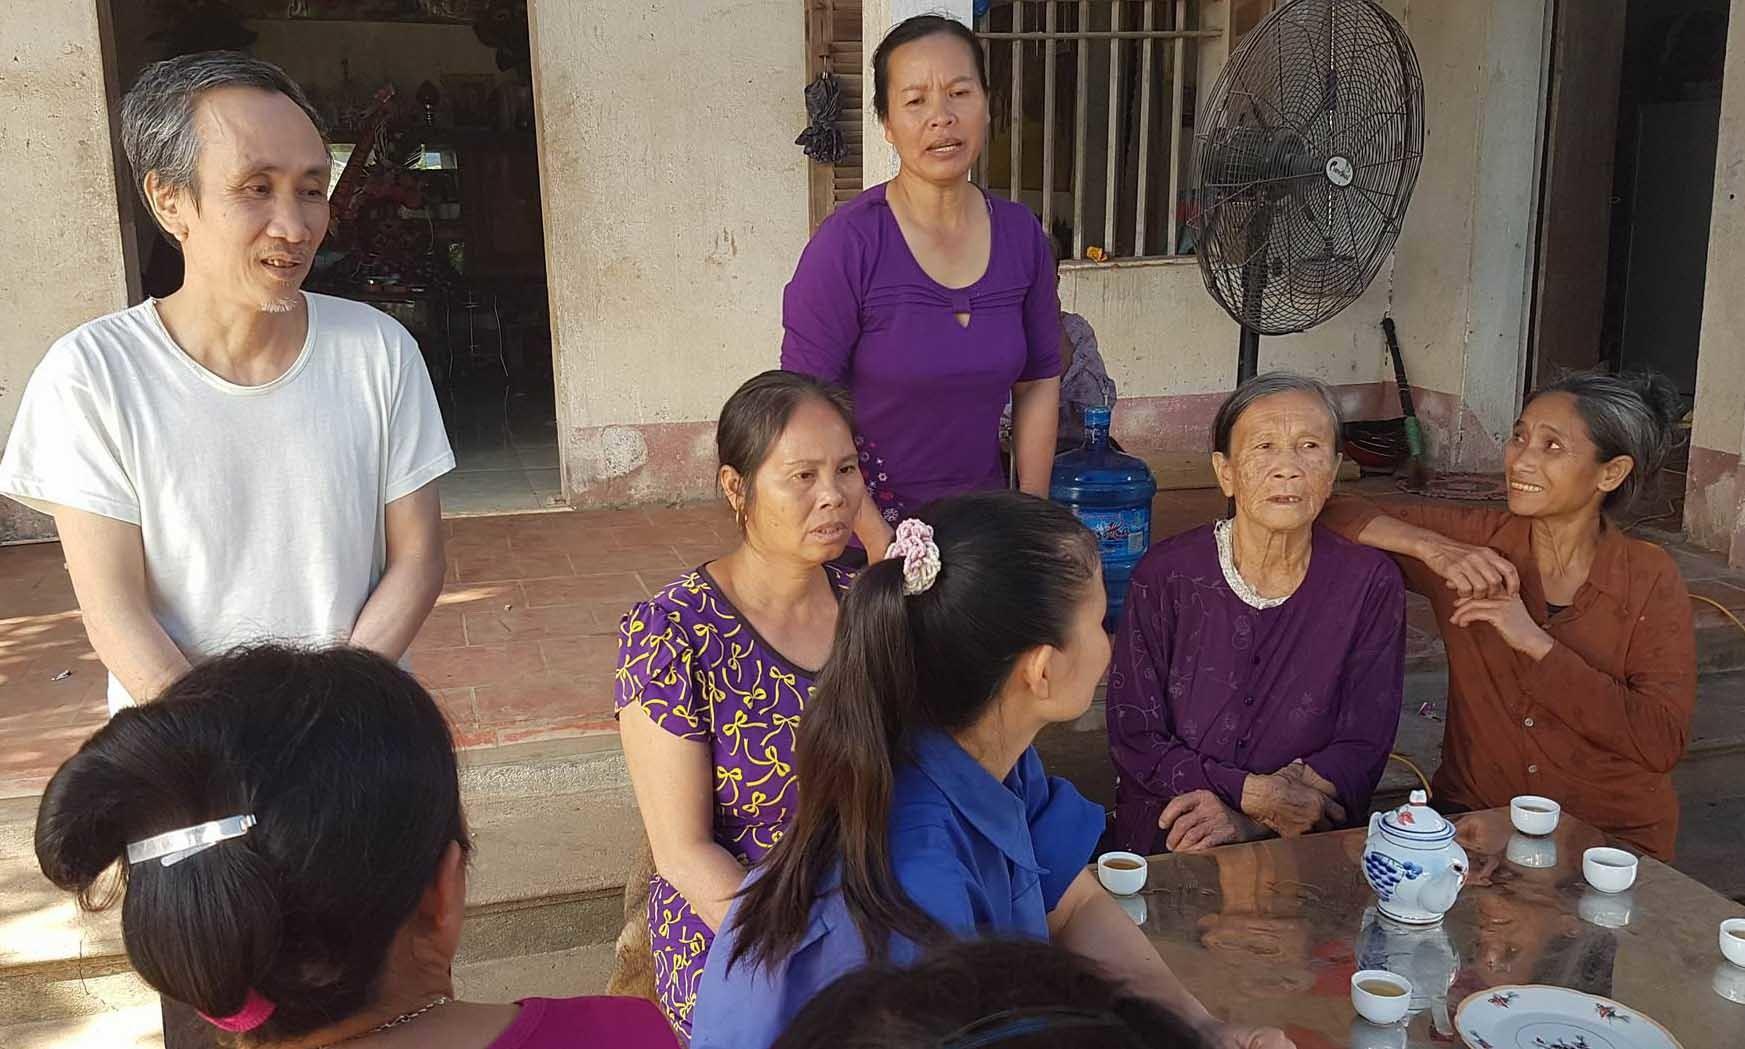 Nguyễn Thanh Chấn, Hàn Đức Long, Bắc Giang, án oan, tử tù được giải oan, tử tù thoát án tử, tử tù vô tội